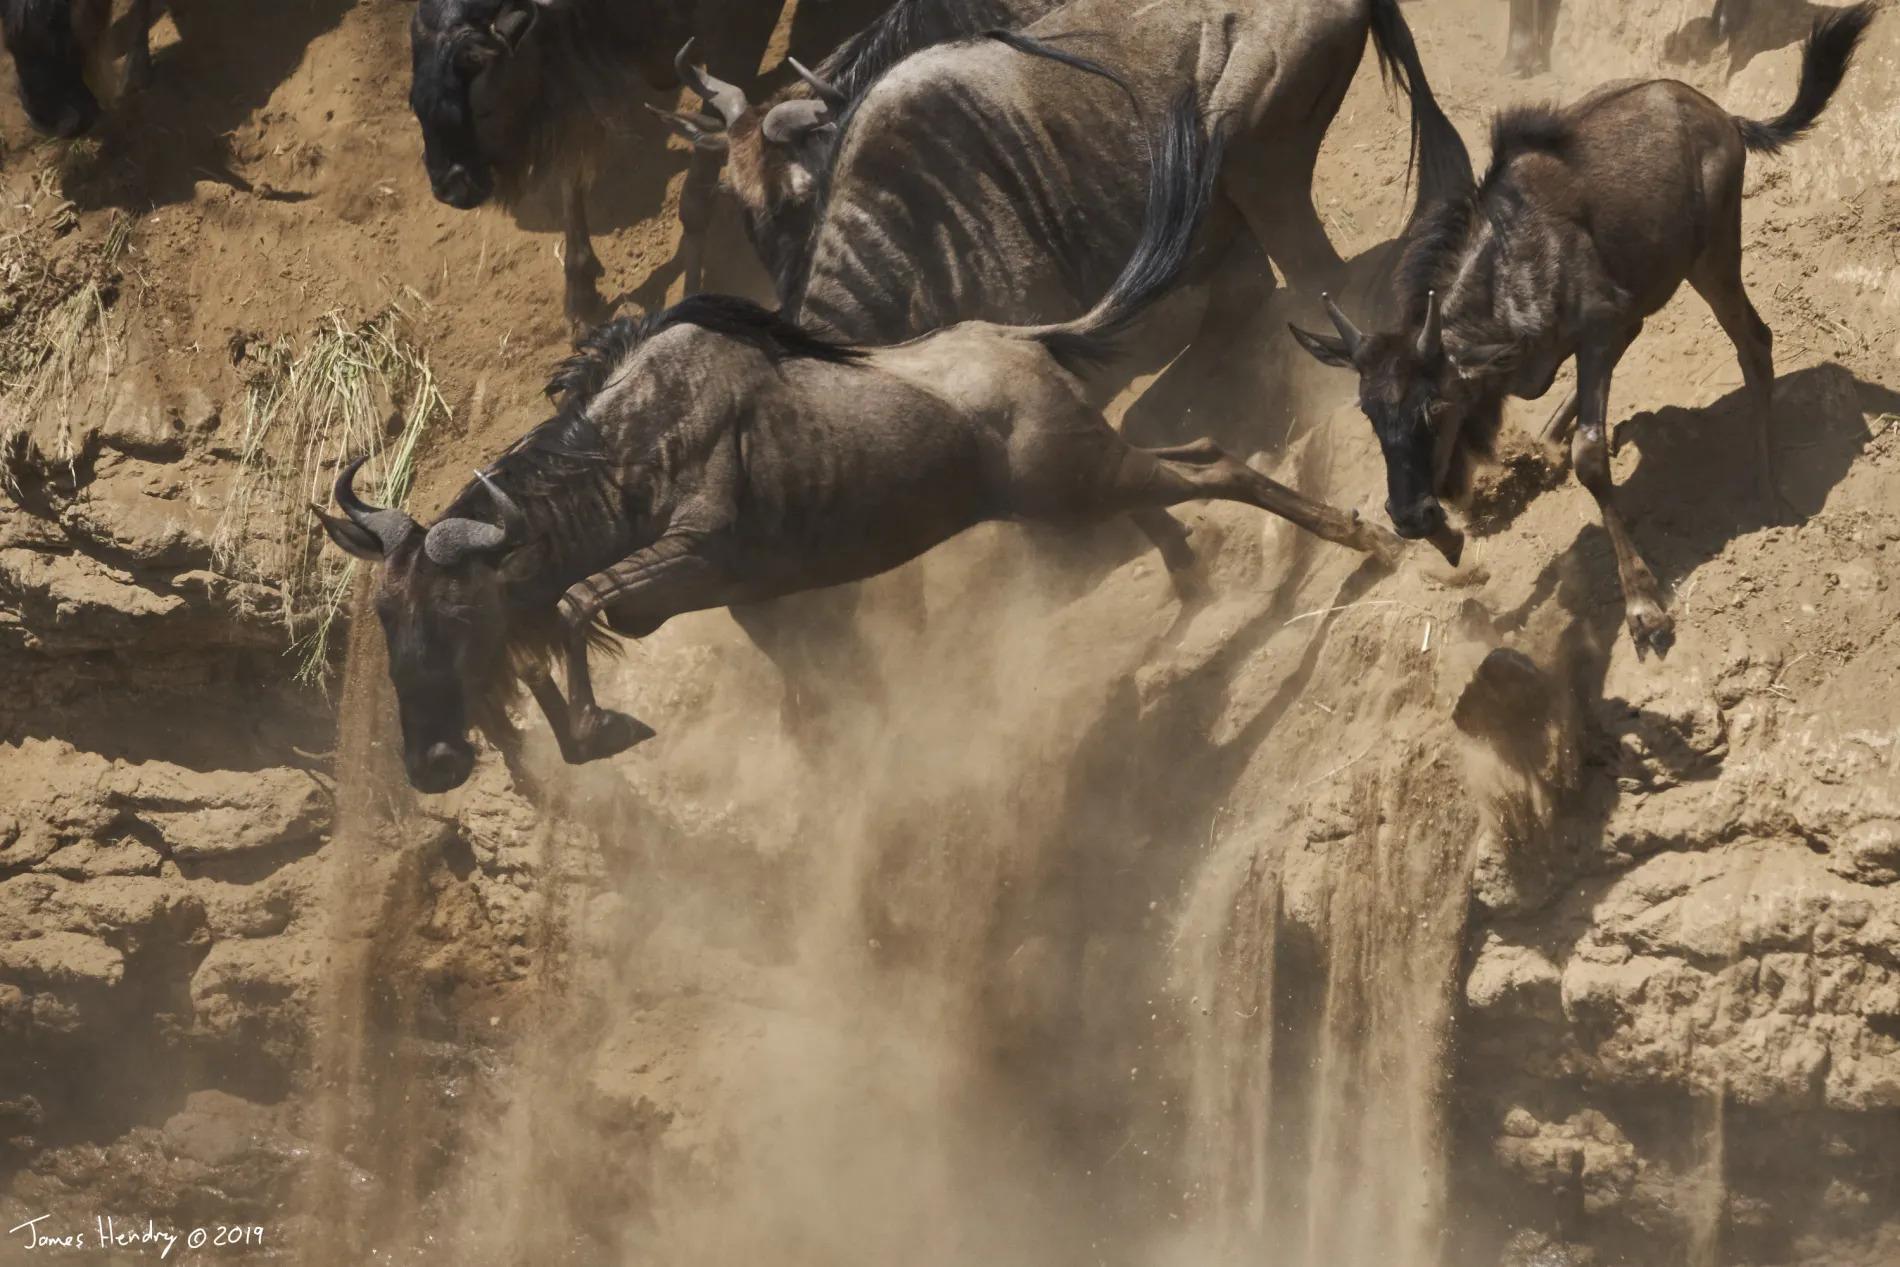 James Hendry_Wildebeest leap